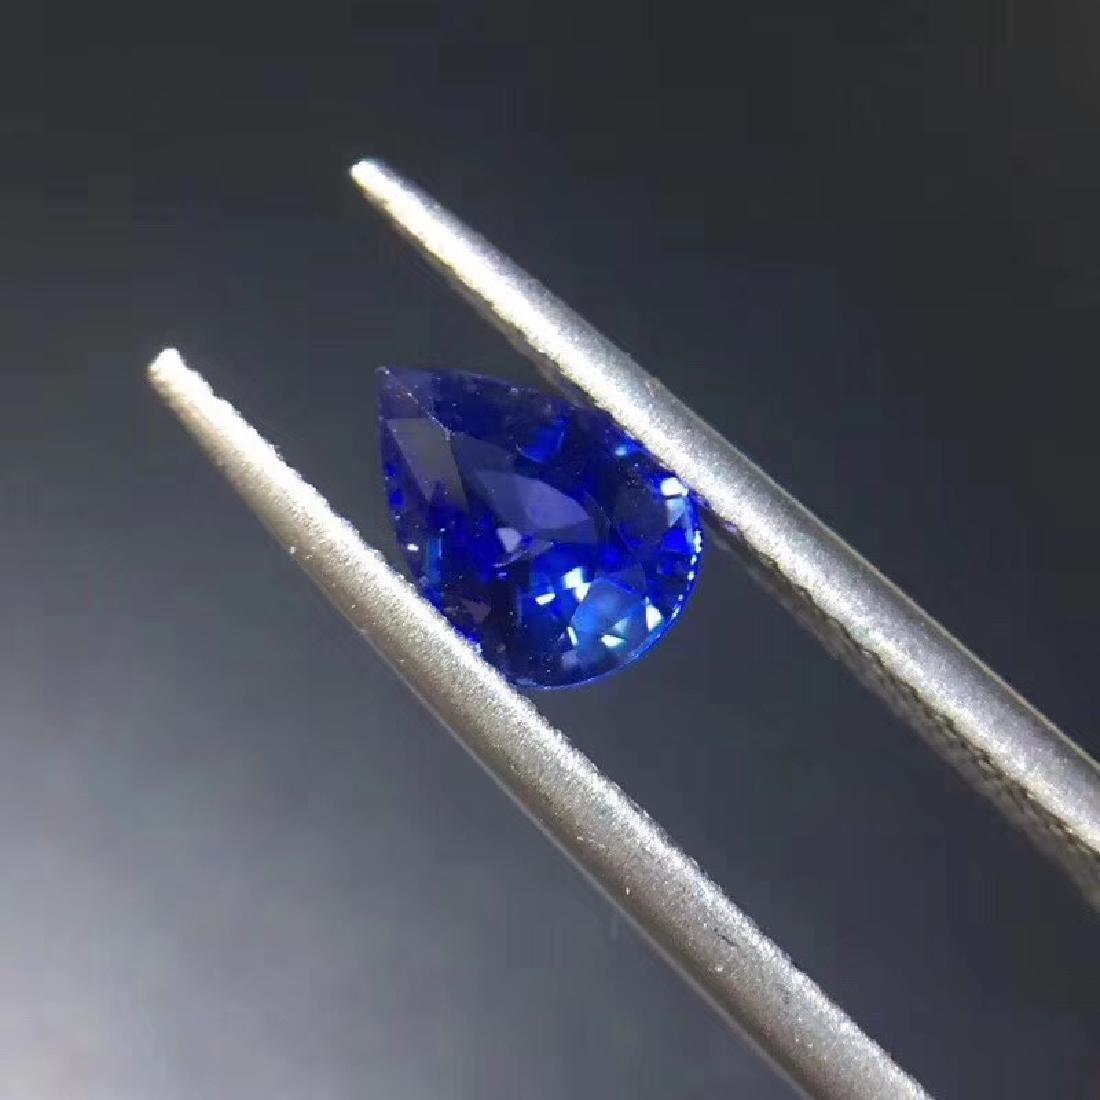 0.99 ct Sapphire 5.2*7.2*3.5 mm Pear Cut - 2